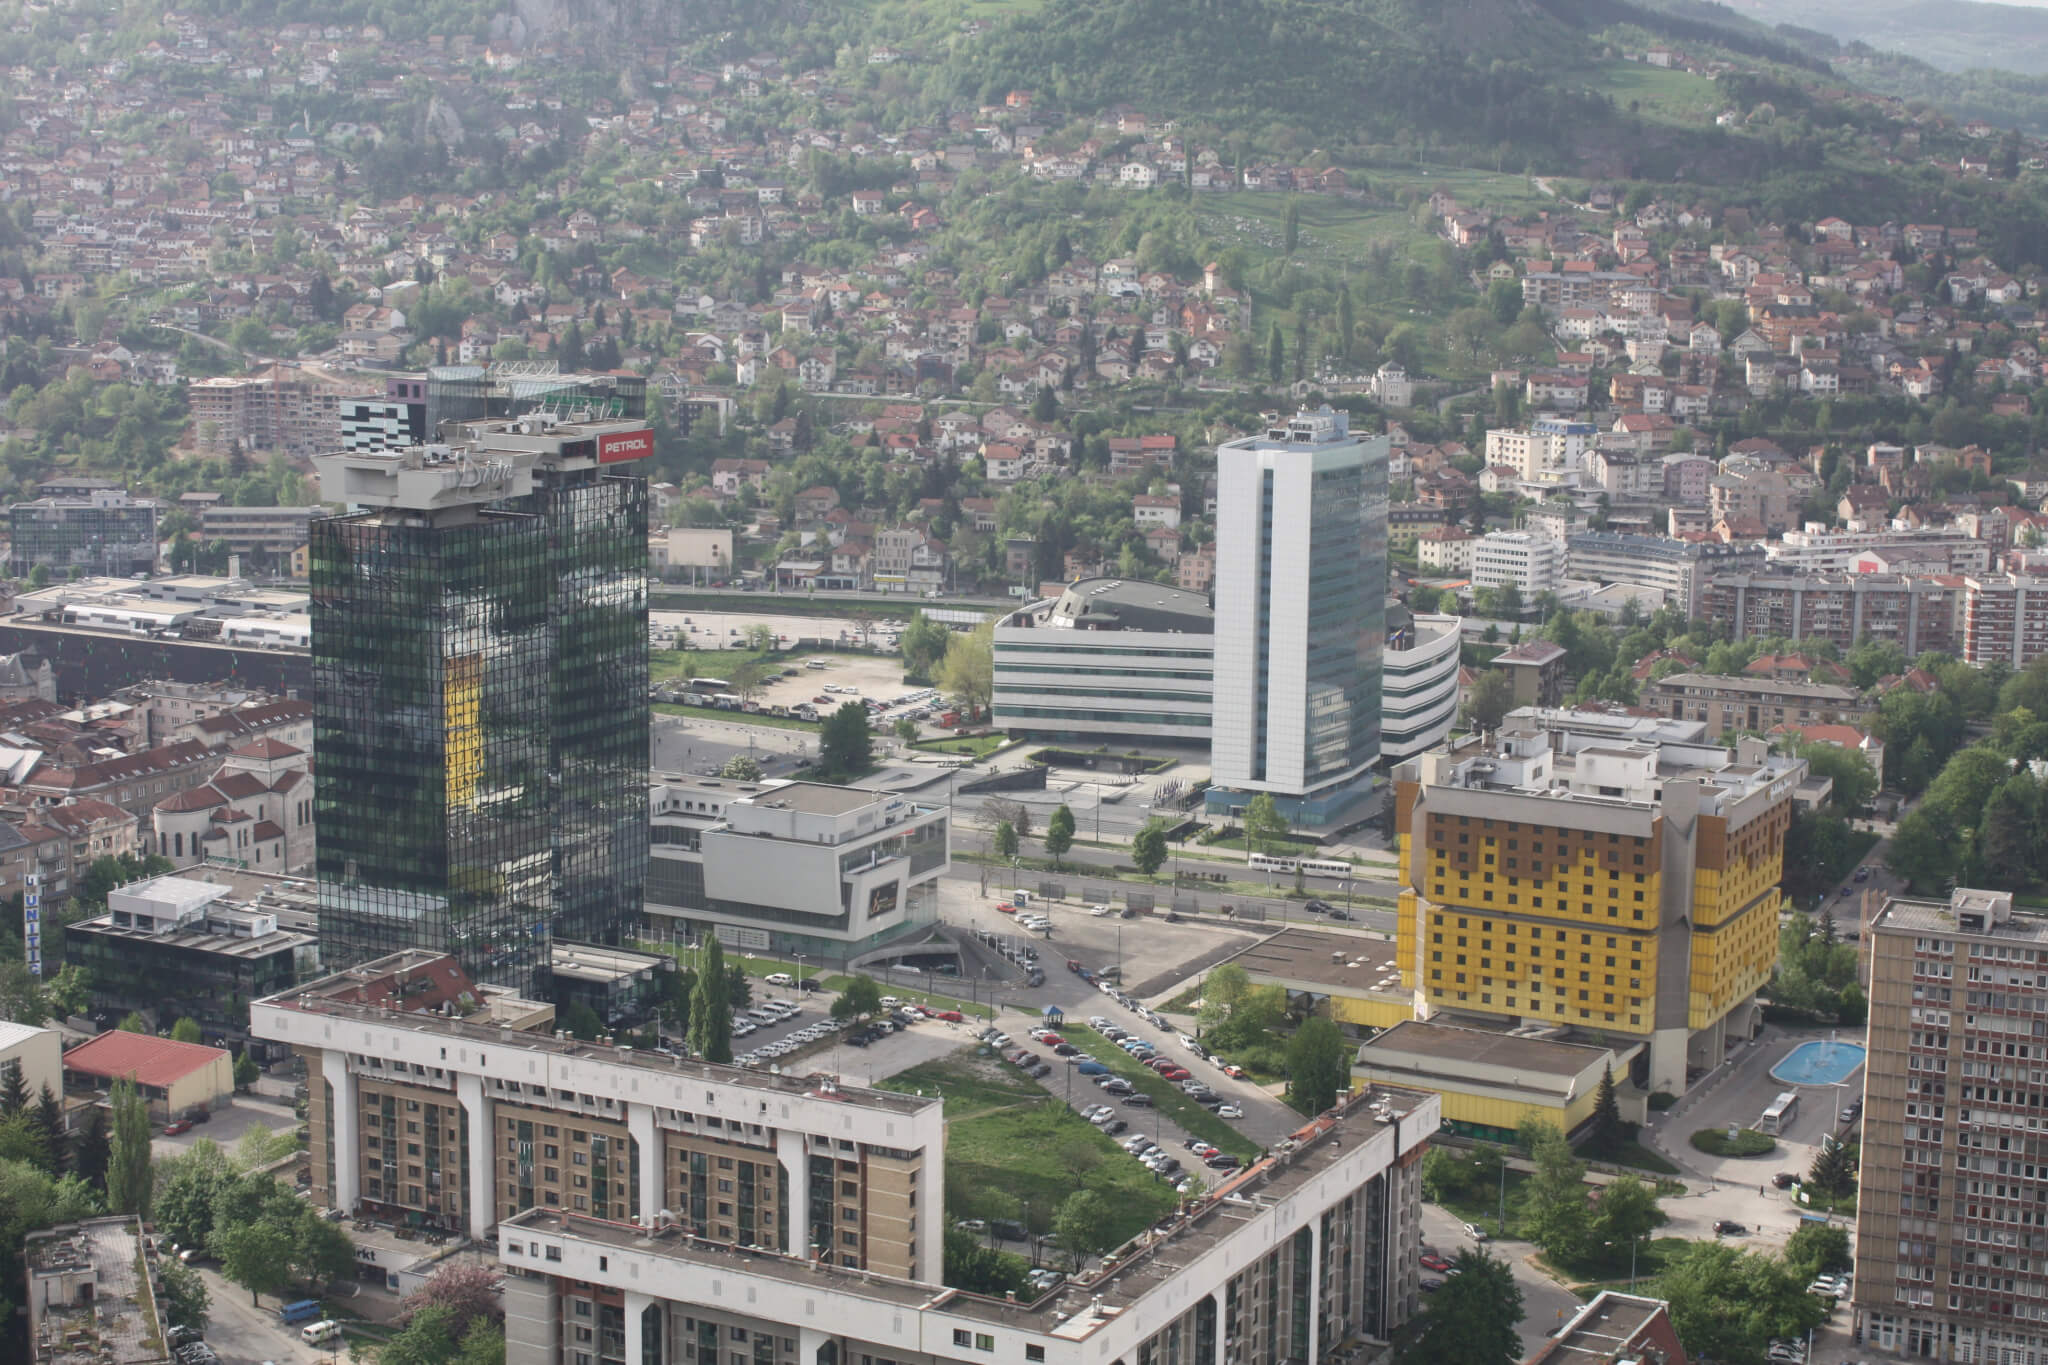 Buildings near Zmaja od Bosne, Sarajevo